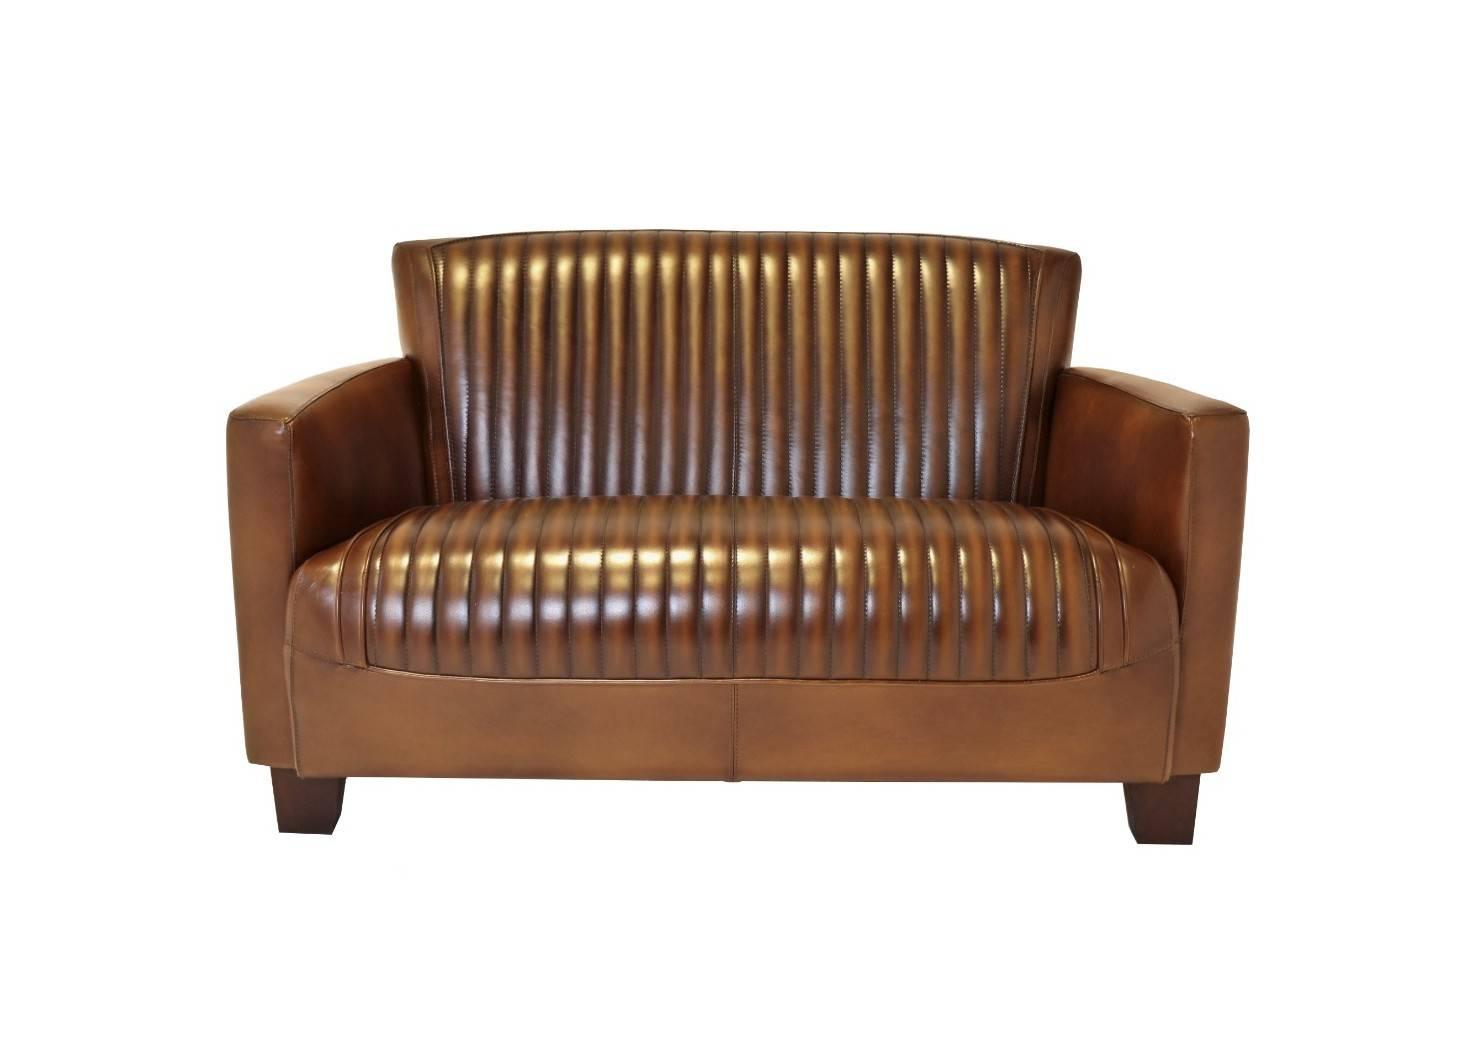 Canapé club Nogent sport - cuir marron